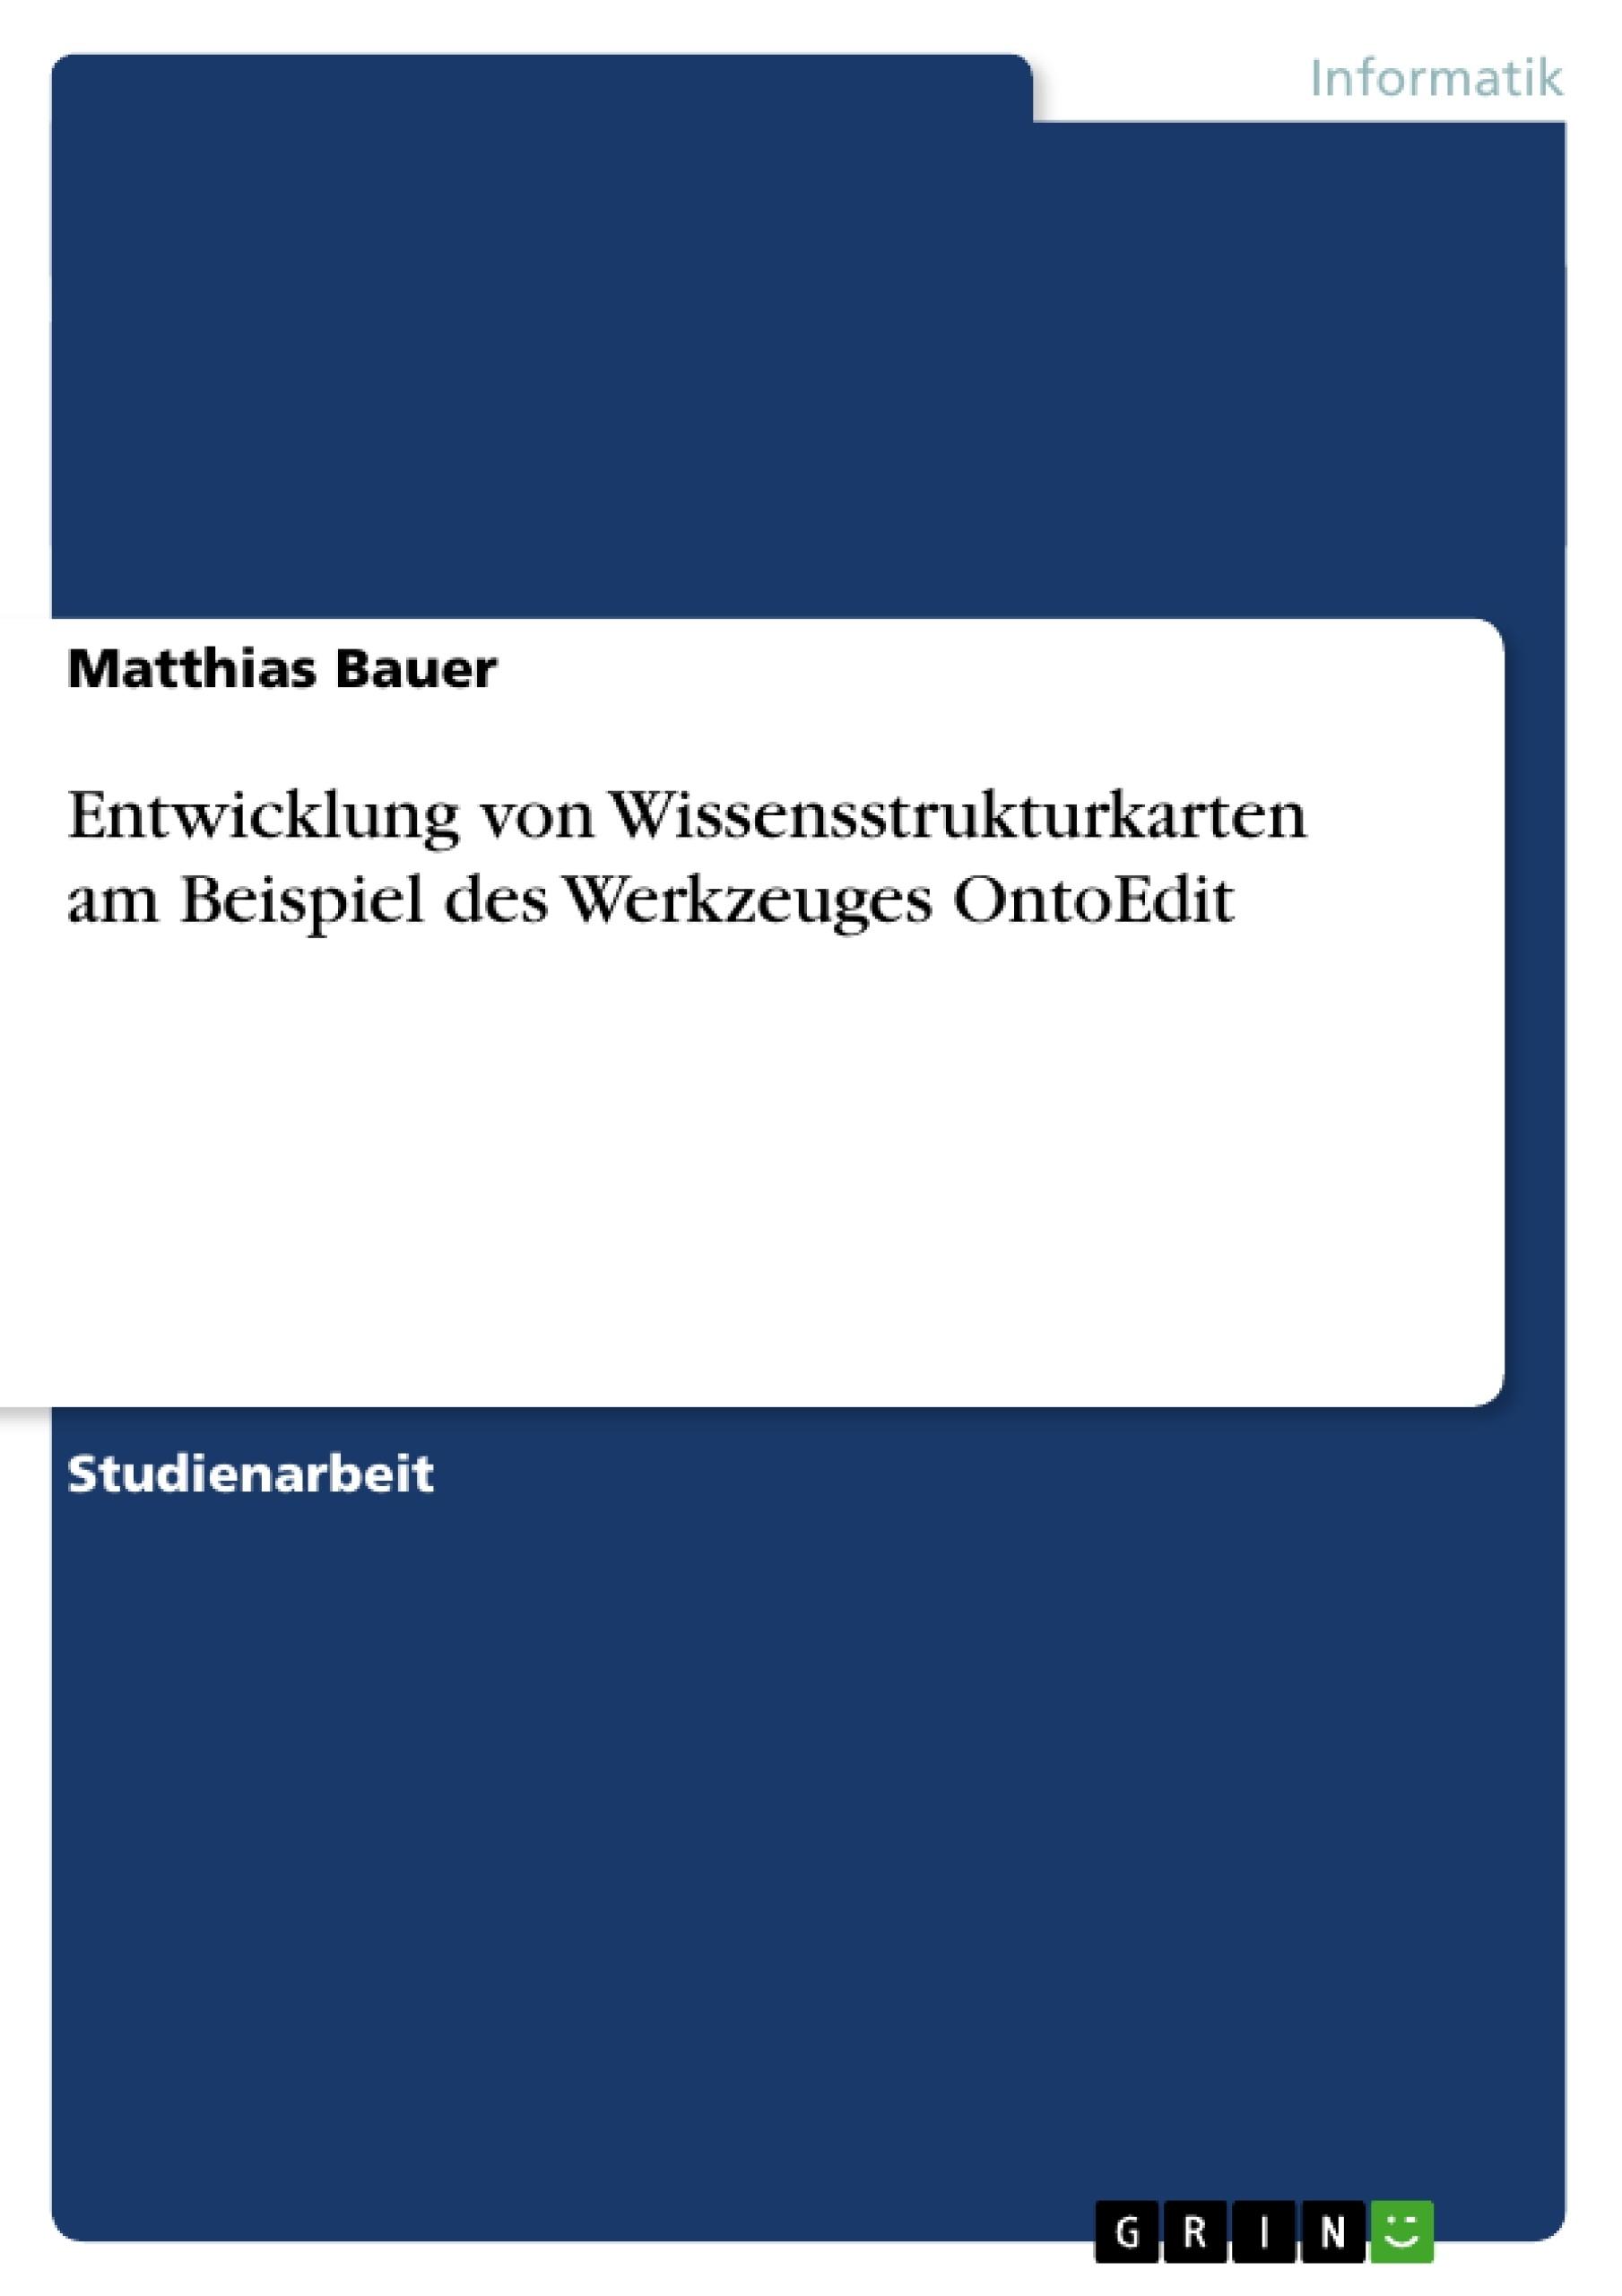 Titel: Entwicklung von Wissensstrukturkarten am Beispiel des Werkzeuges OntoEdit